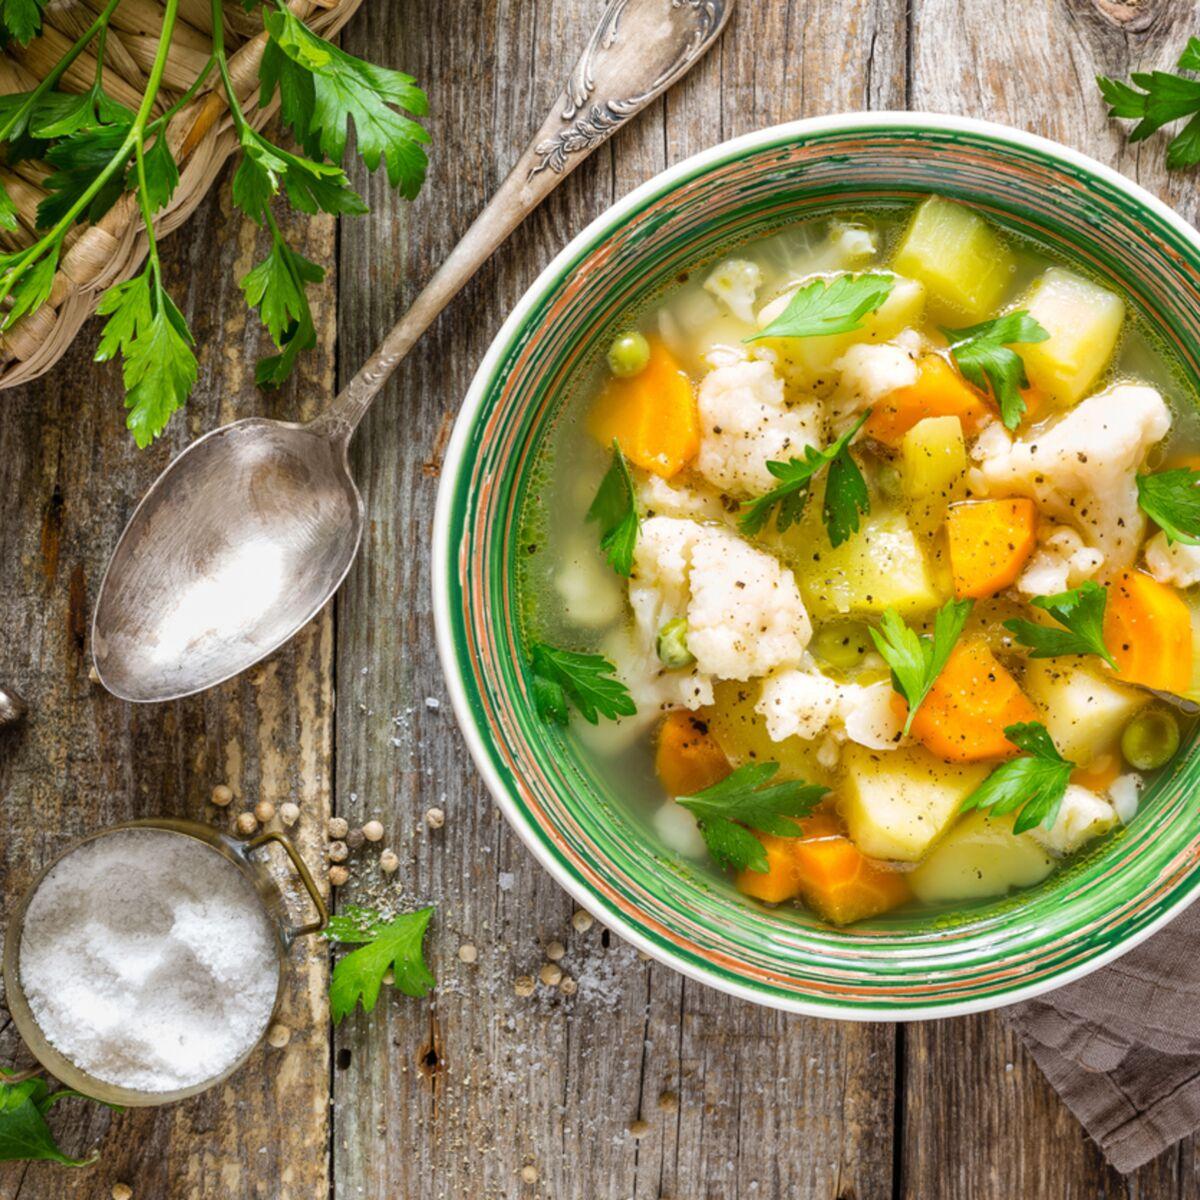 des repas qui vous font perdre du poids rapidement